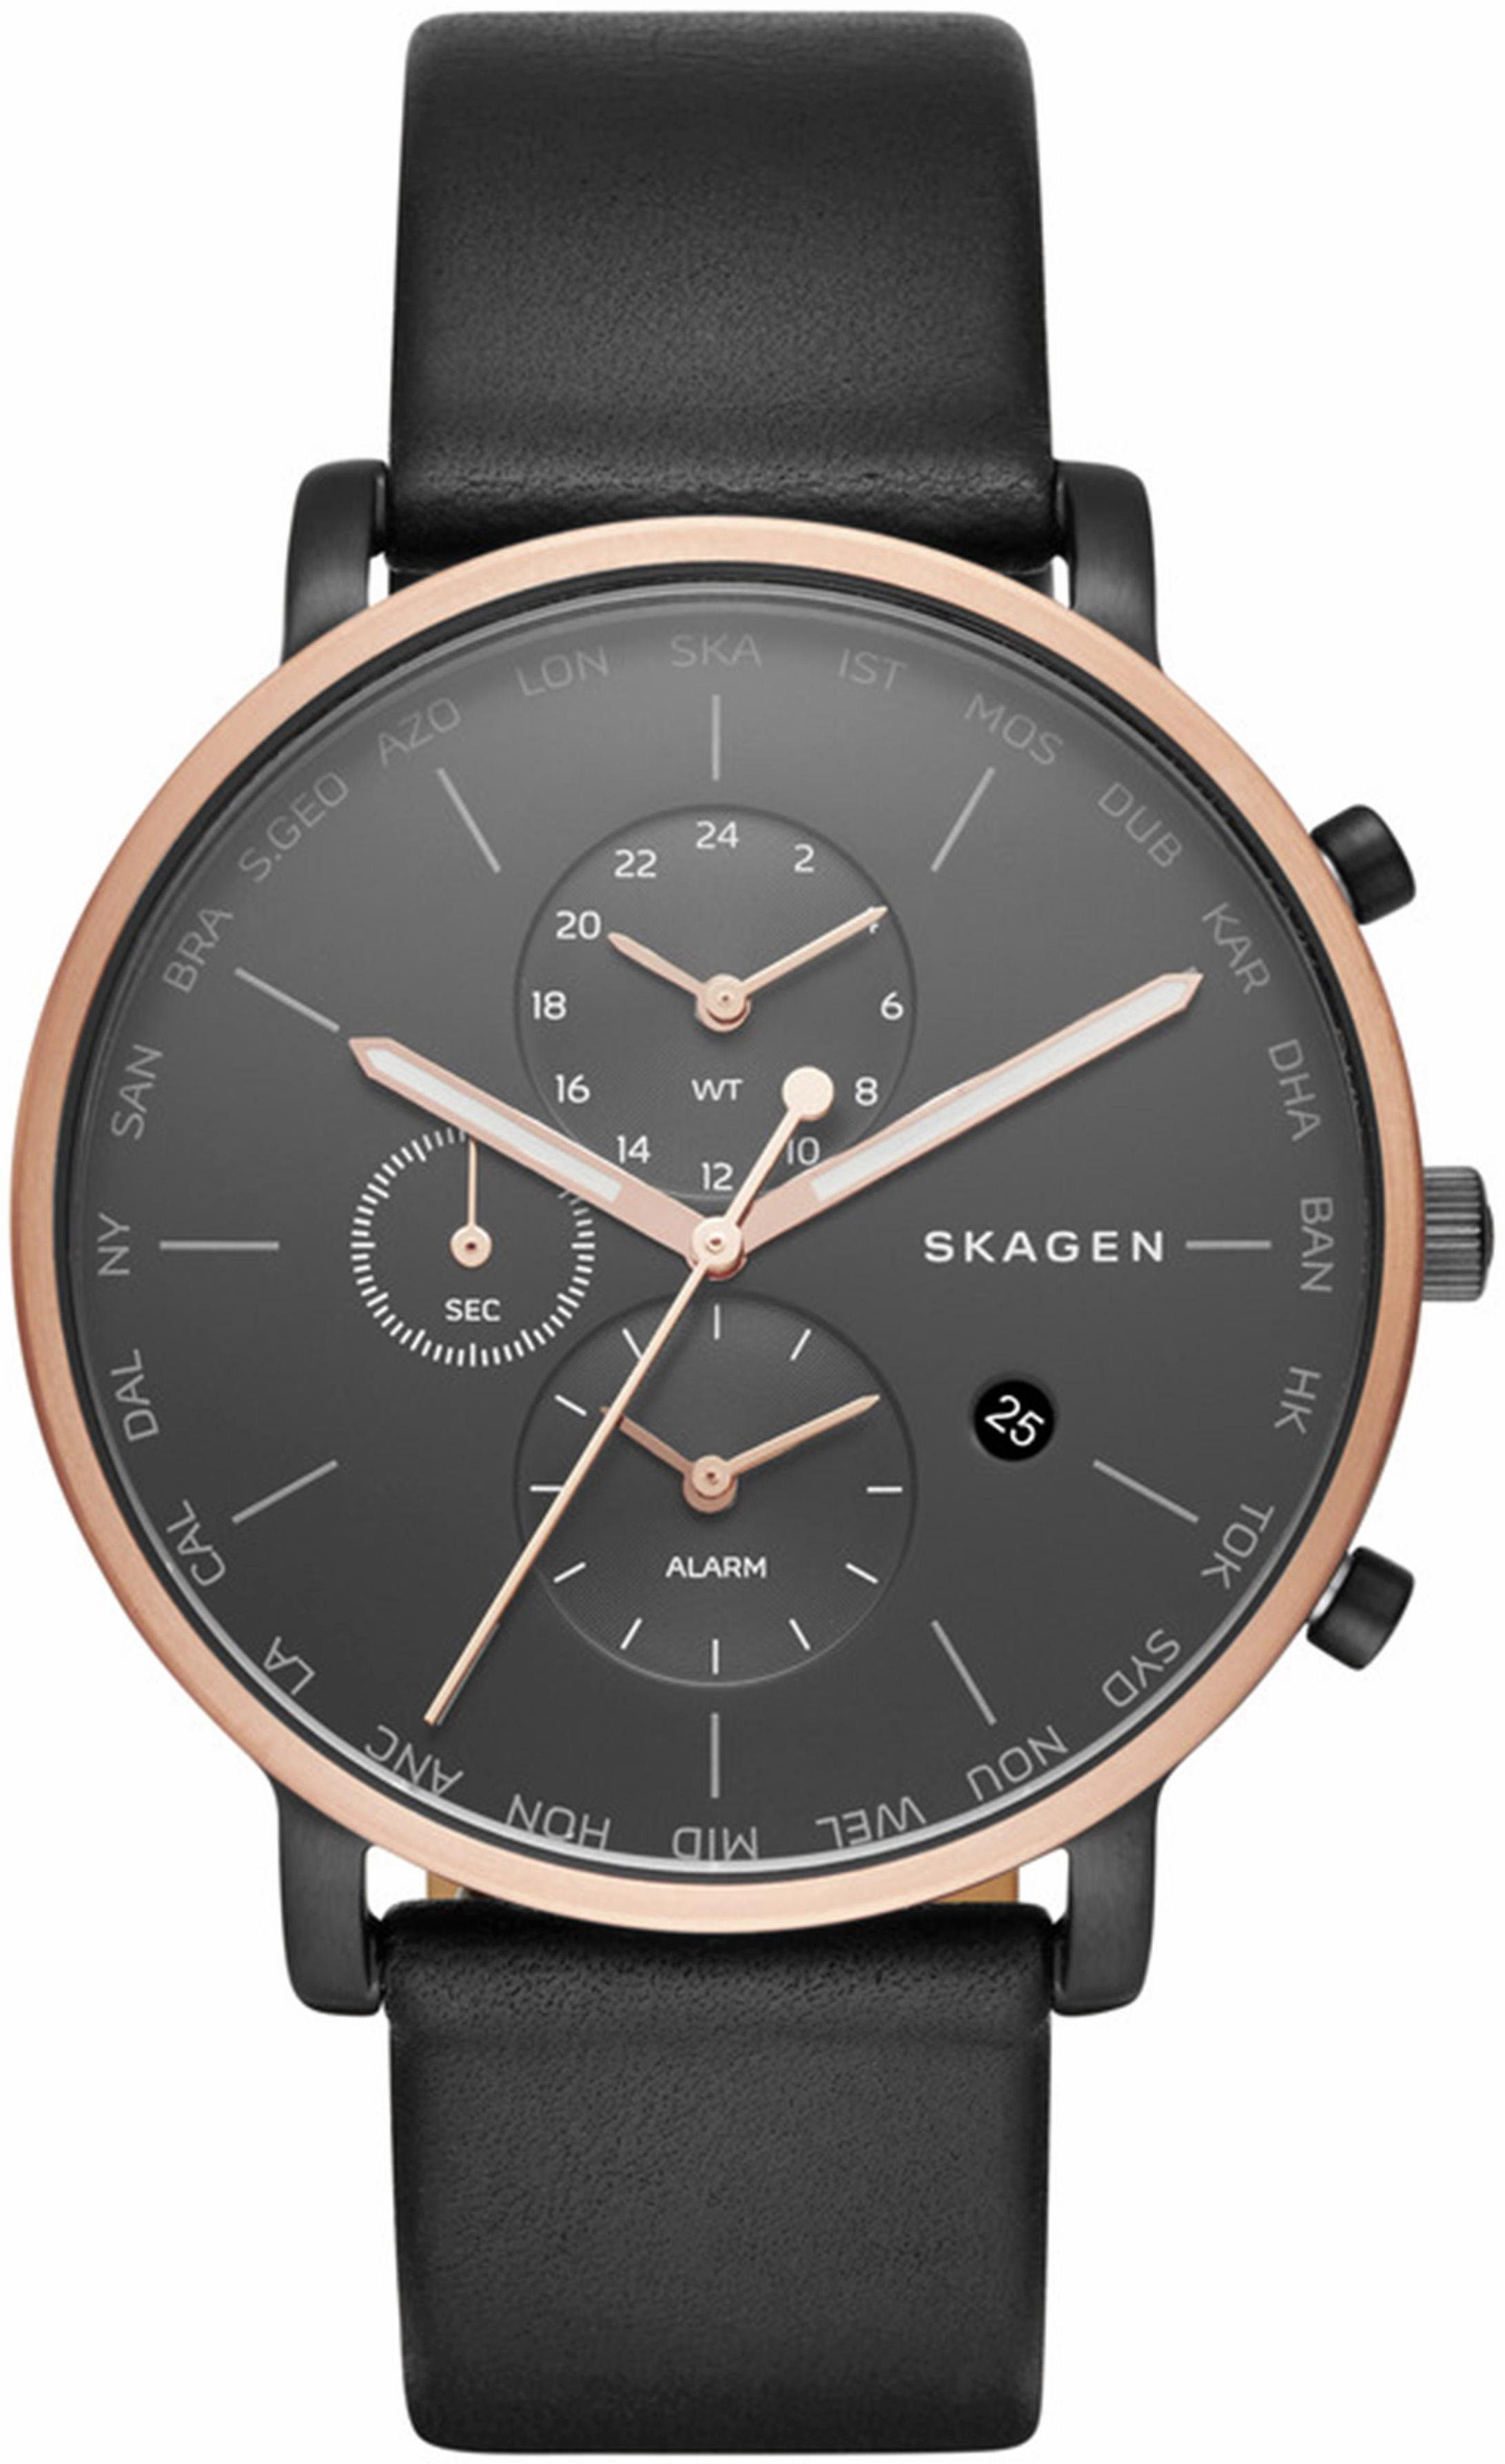 Skagen Quarzuhr »HAGEN, SKW6300«, mit Weltzeit